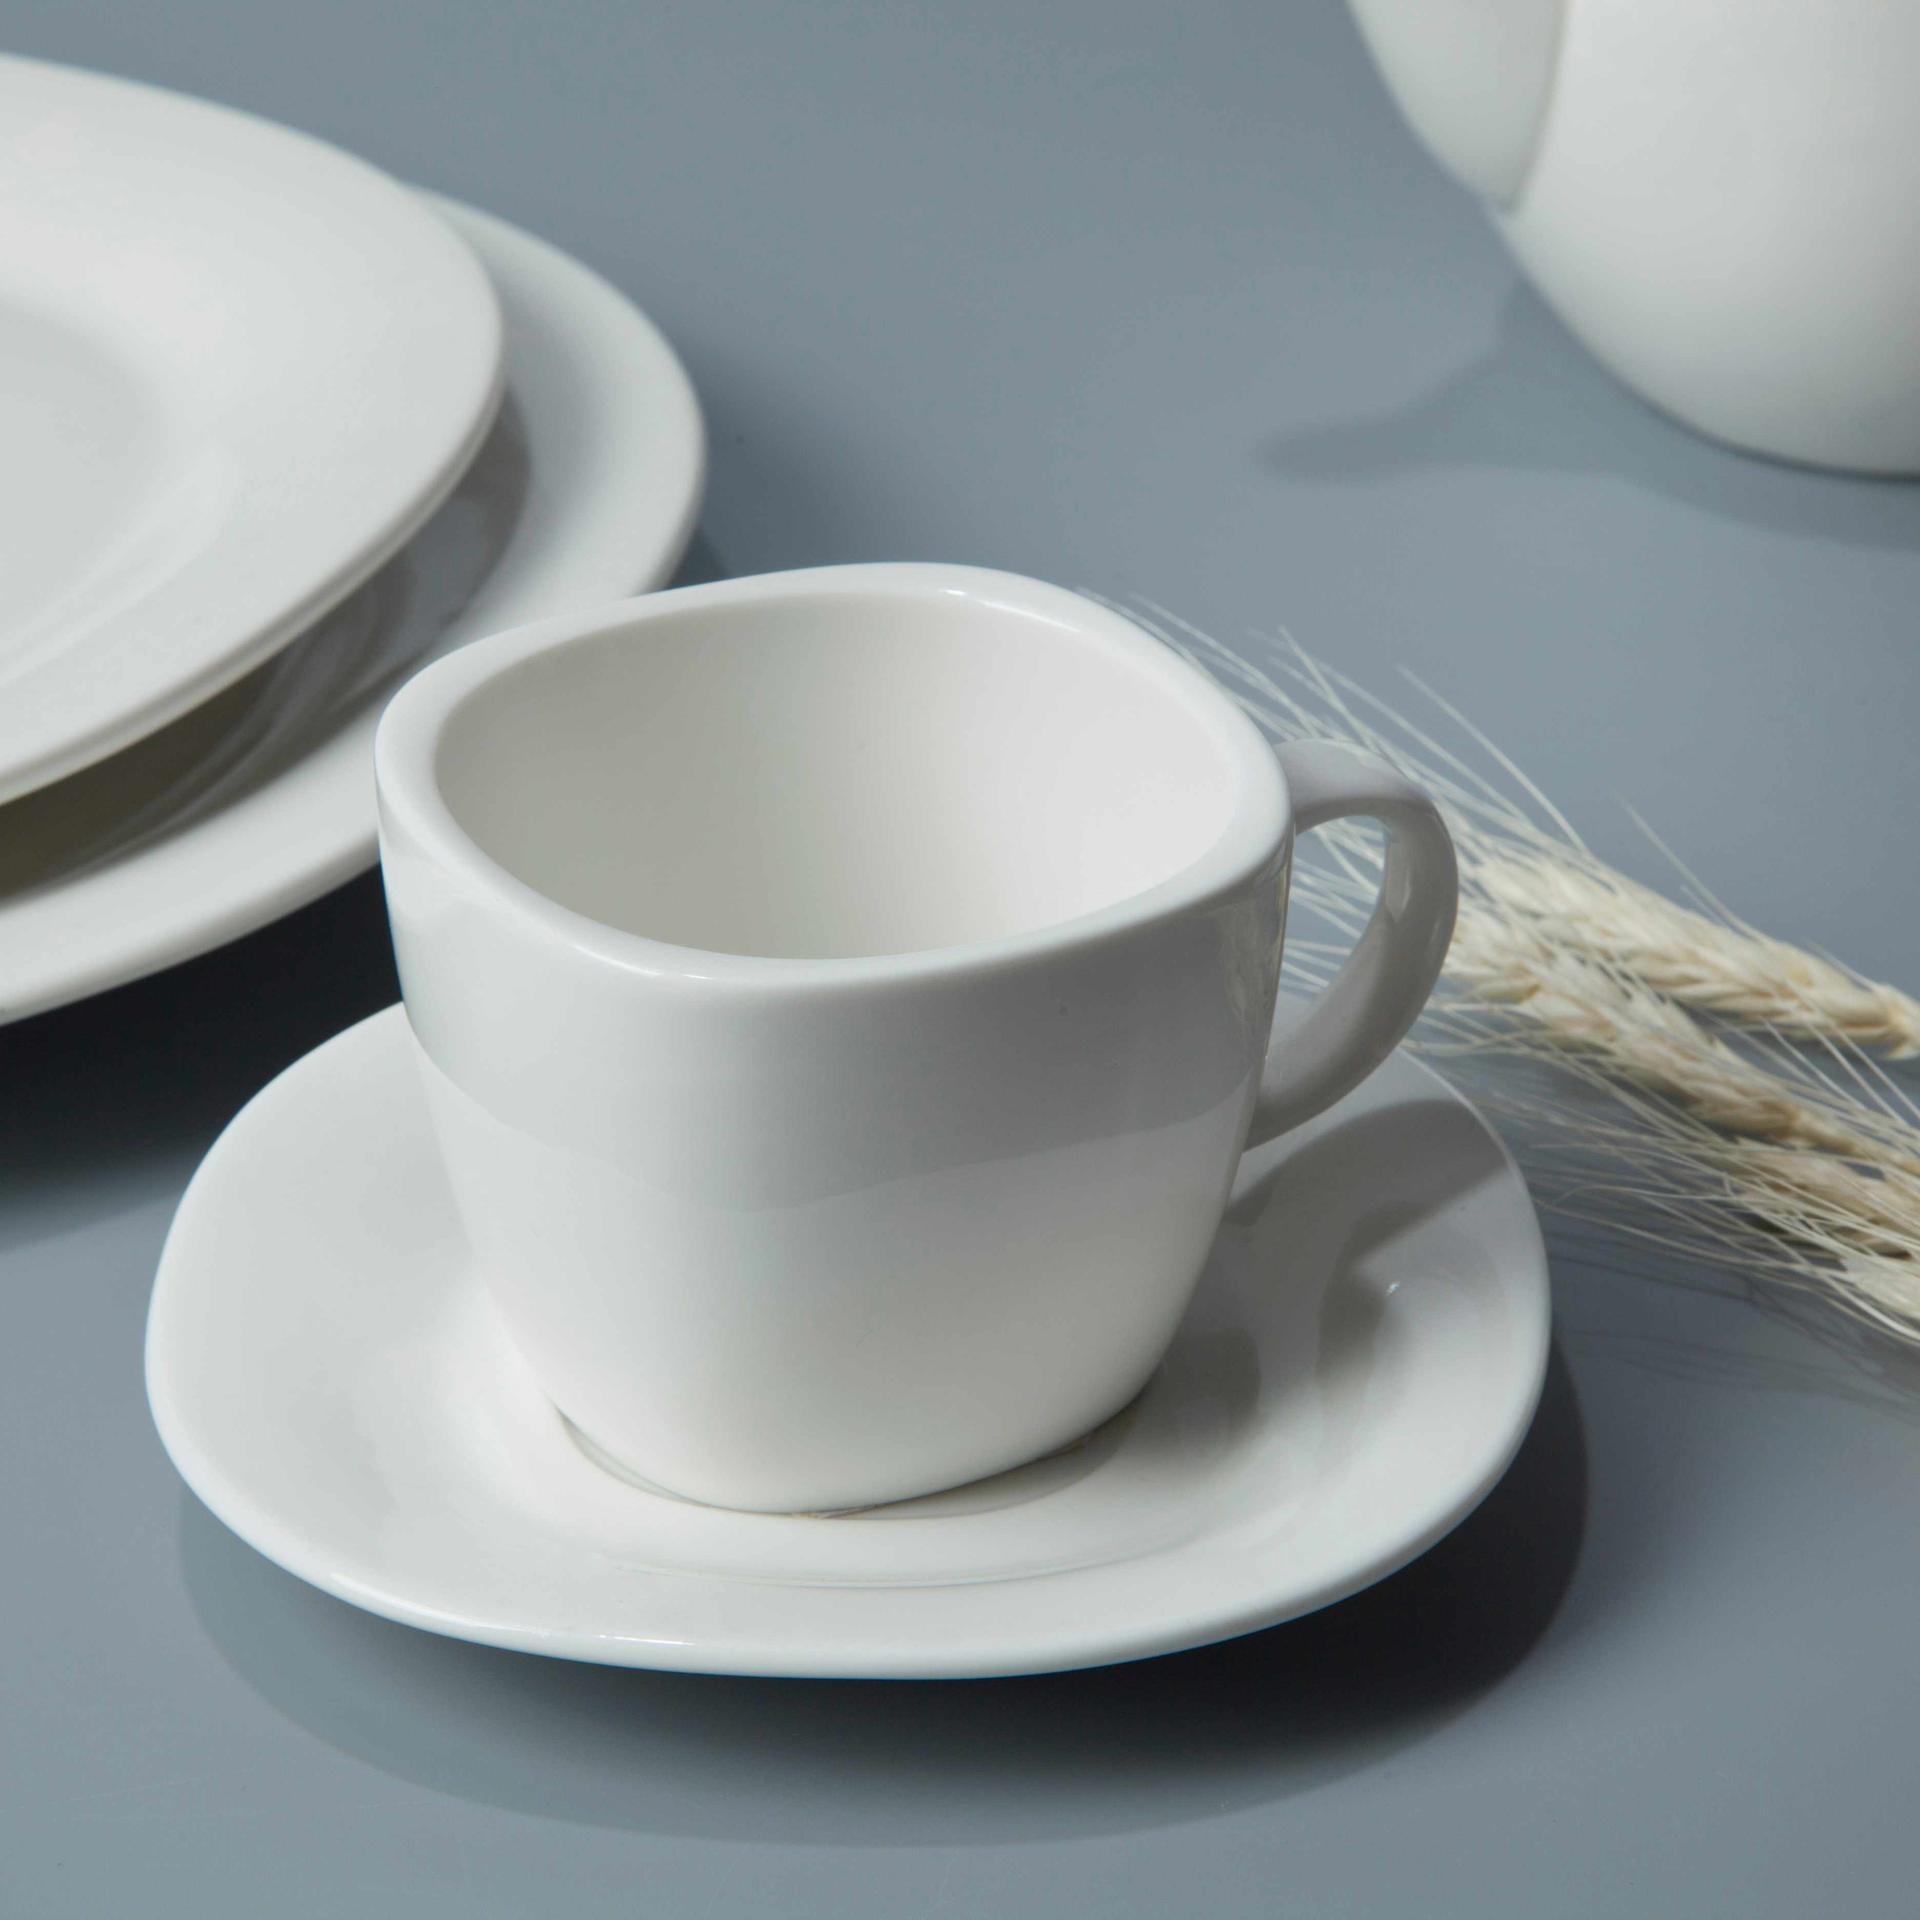 8 piece restaurant contemporary white dinnerware - TW29